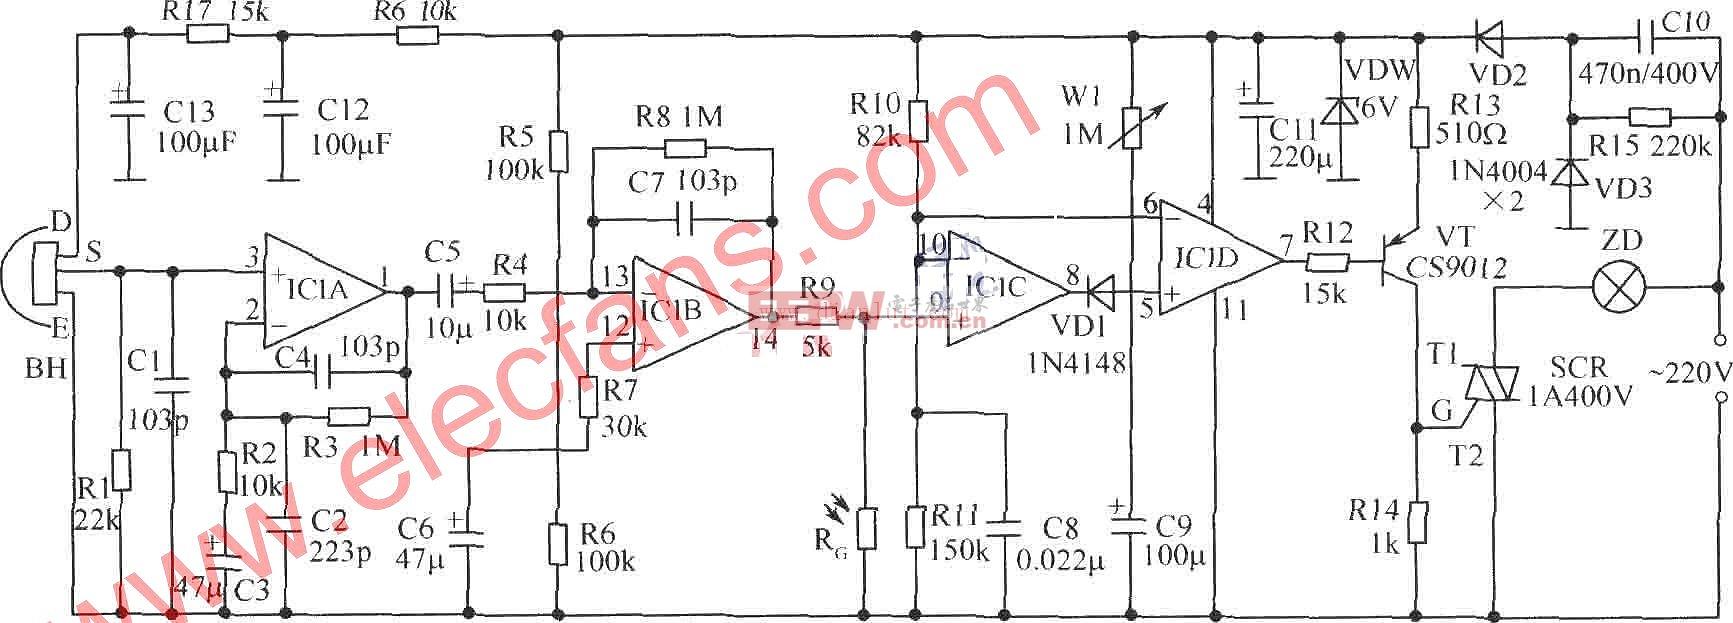 如图所示为水塔水位控制器电路